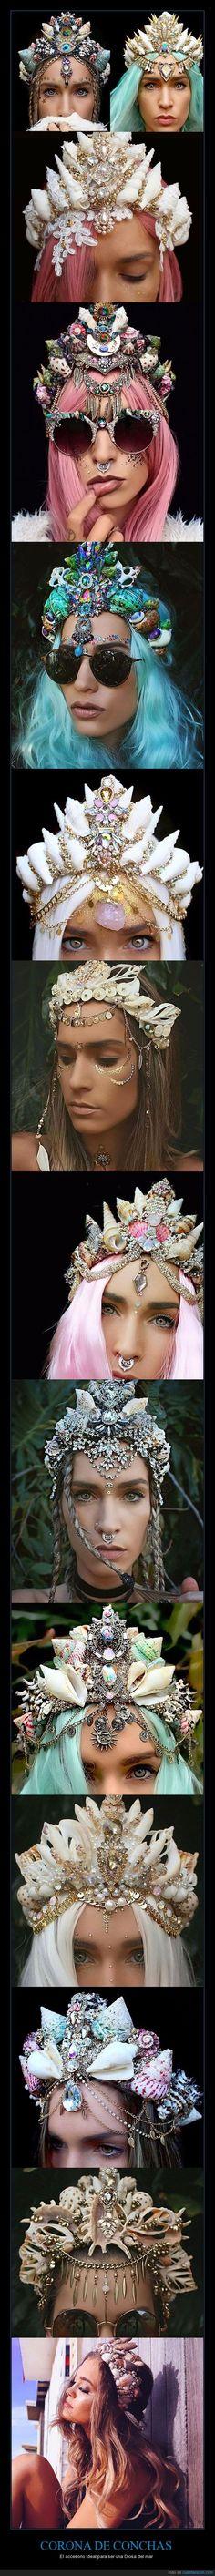 Las coronas de flores ya no están de moda - El accesorio ideal para ser una Diosa del mar   Gracias a http://www.cuantarazon.com/   Si quieres leer la noticia completa visita: http://www.estoy-aburrido.com/las-coronas-de-flores-ya-no-estan-de-moda-el-accesorio-ideal-para-ser-una-diosa-del-mar/